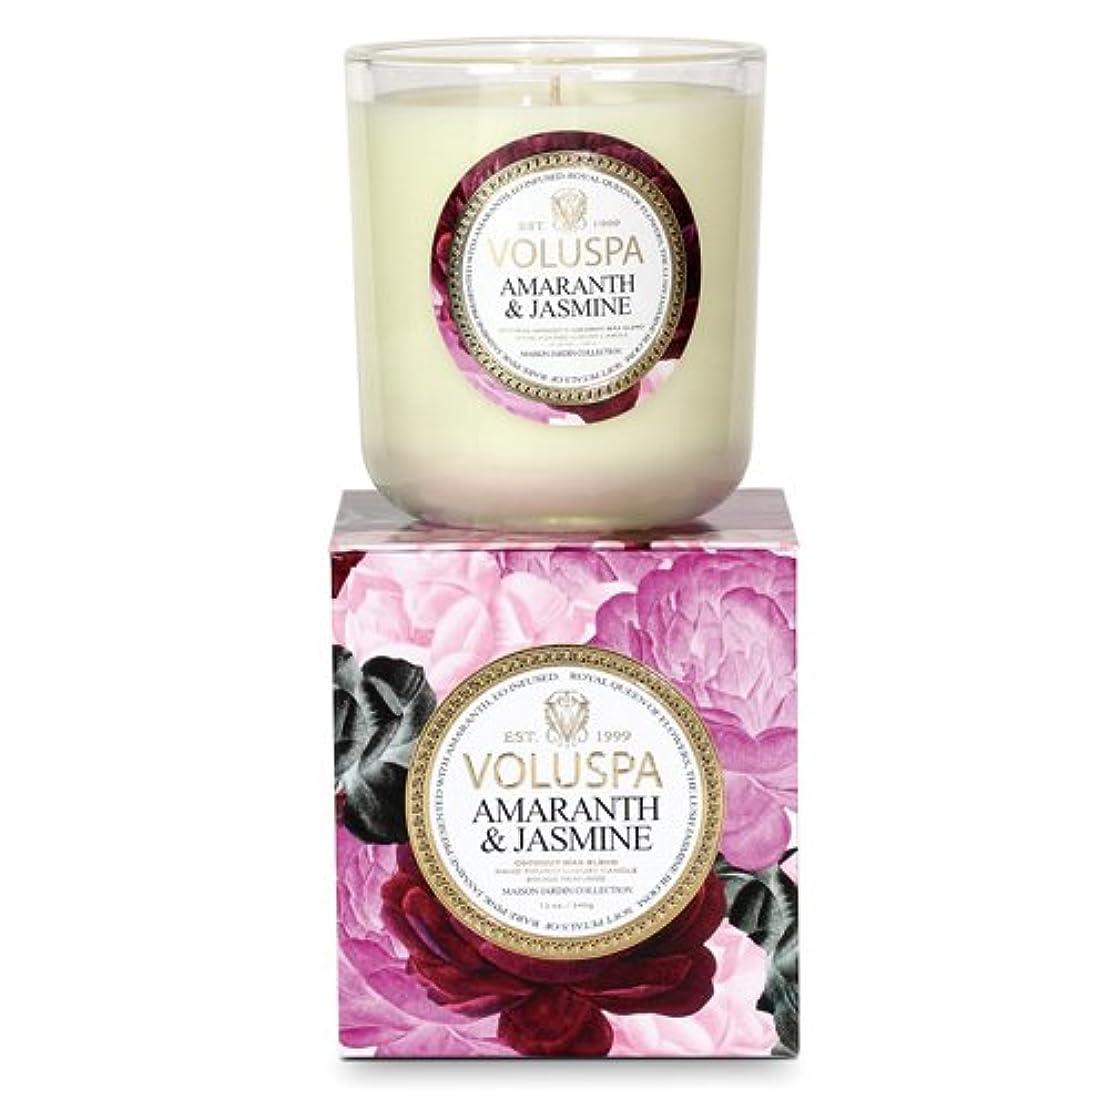 ポイント地下要求するVoluspa ボルスパ メゾンジャルダン ボックス入りグラスキャンドル アマランス&ジャスミン MAISON JARDIN Box Glass Candle AMARANTH & JASMINE